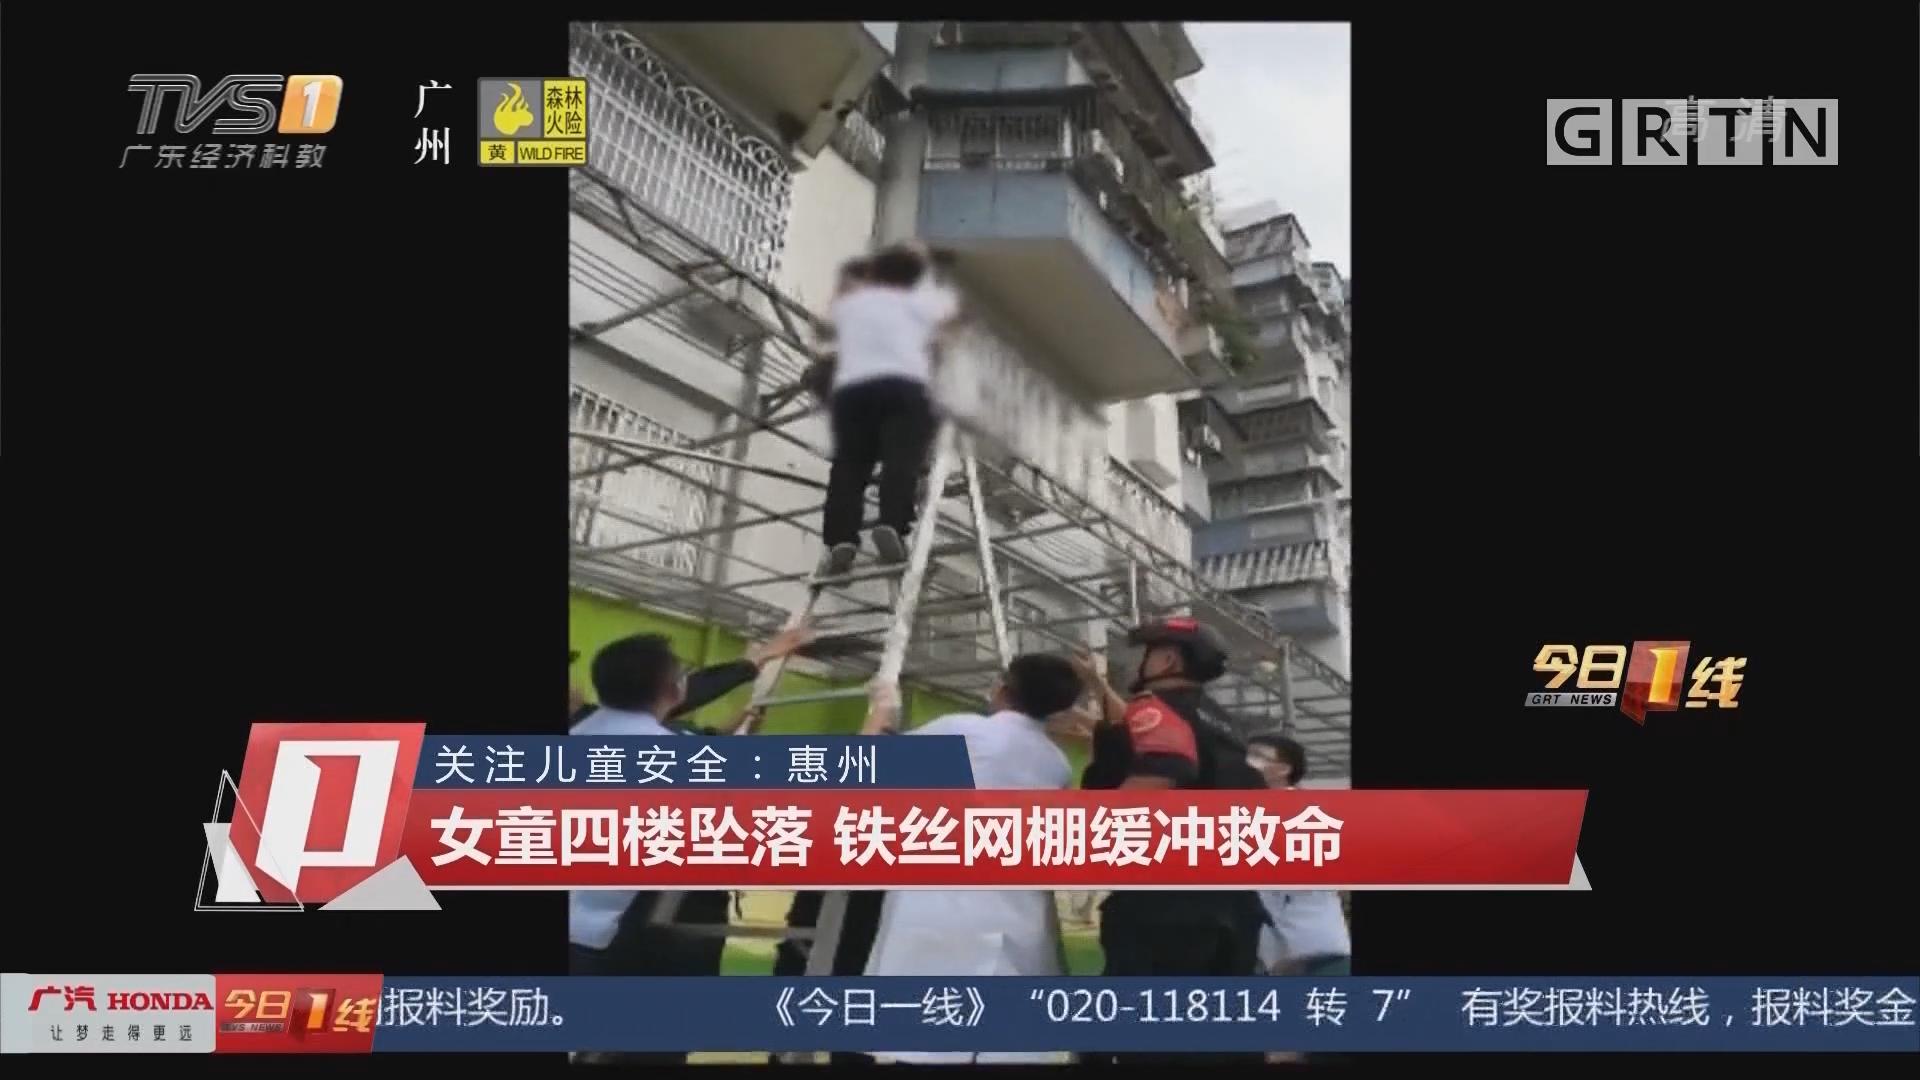 关注儿童安全:惠州 女童四楼坠落 铁丝网棚缓冲救命